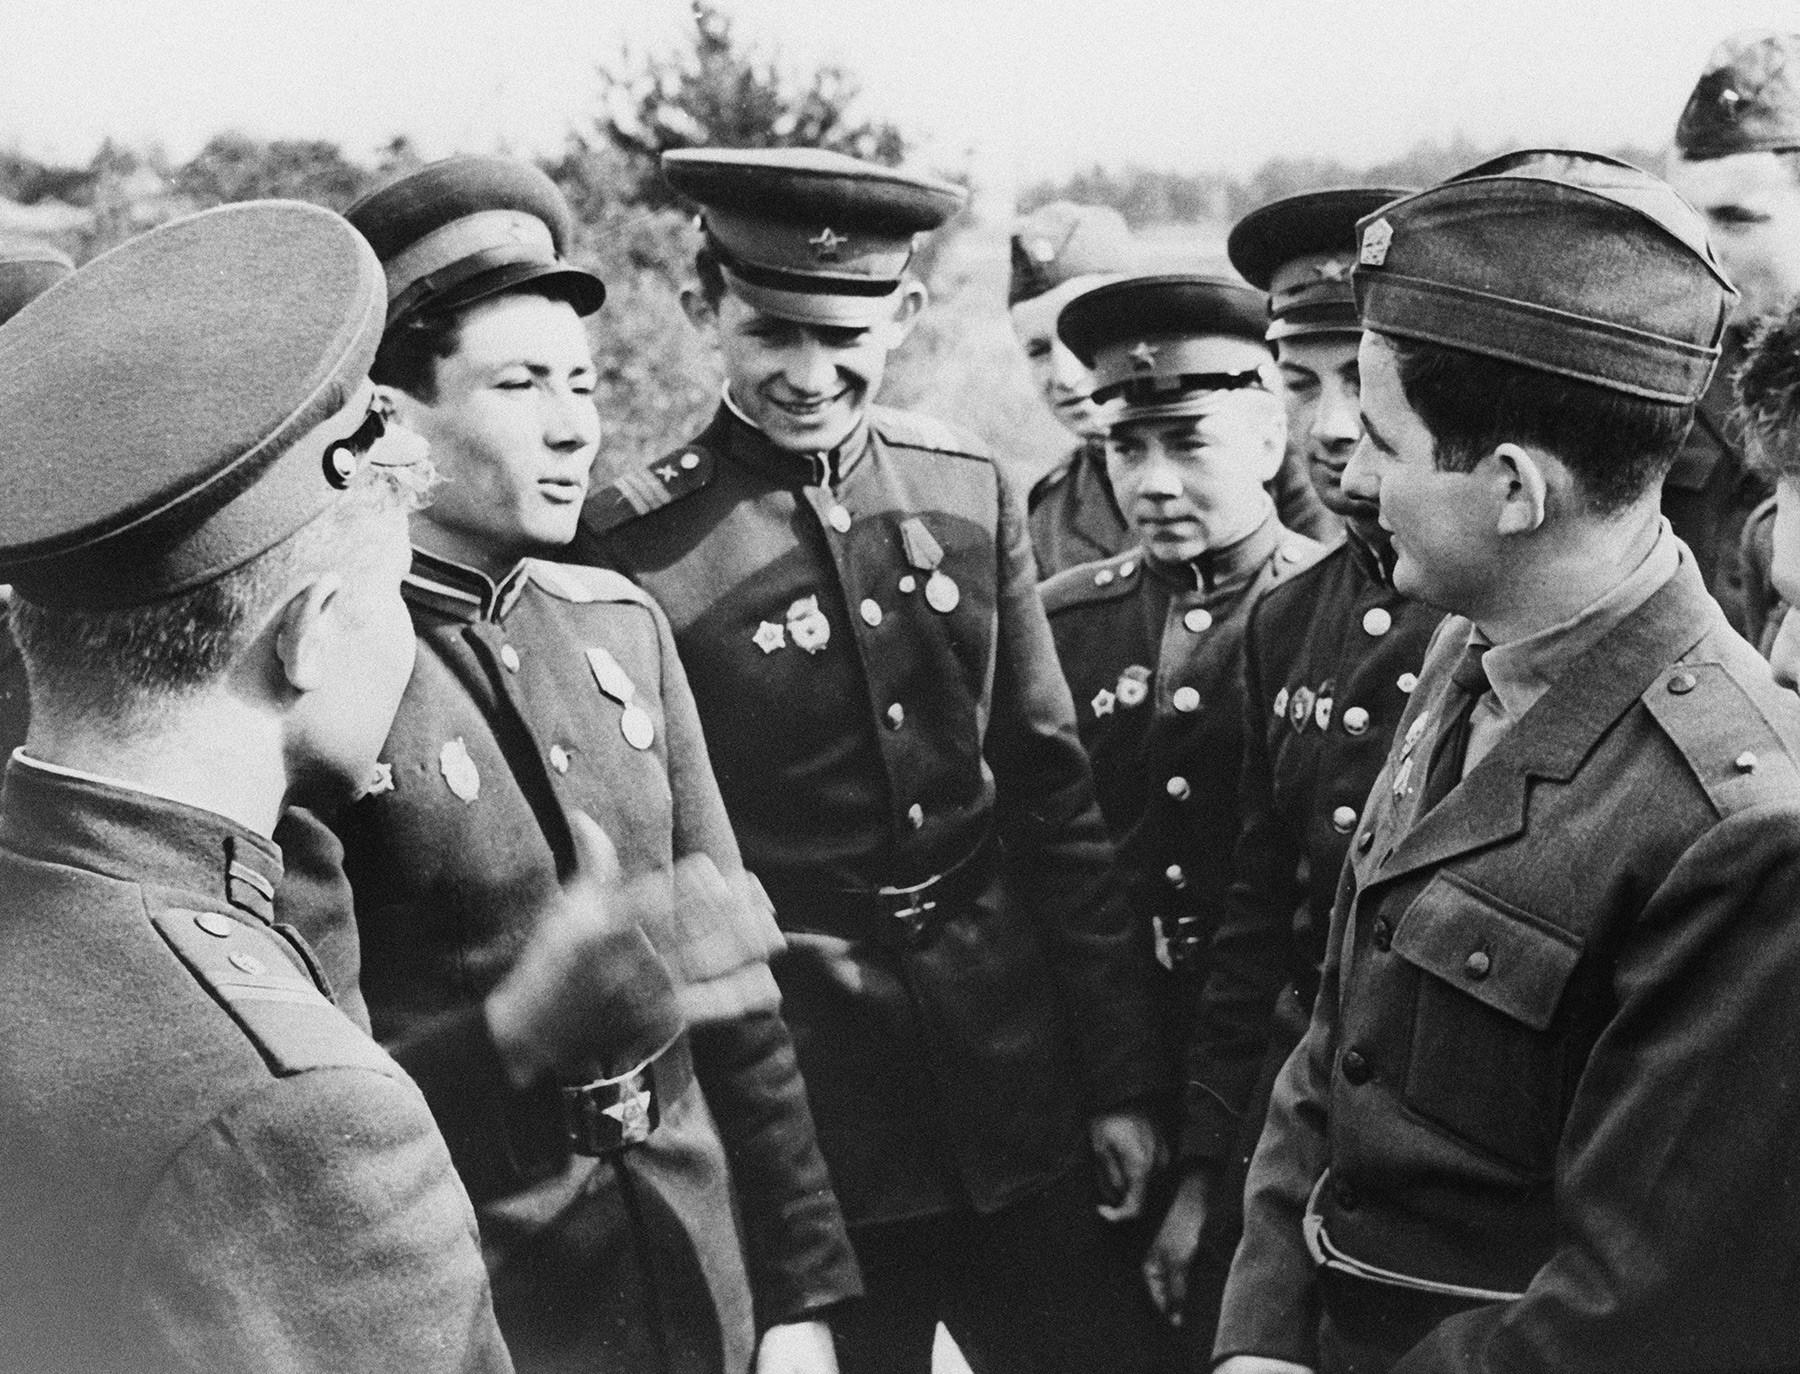 Militares soviéticos y checoslovacos durante los ejercicios militares Vltava-66 de las fuerzas armadas unificadas de los países del Pacto de Varsovia, septiembre de 1966.